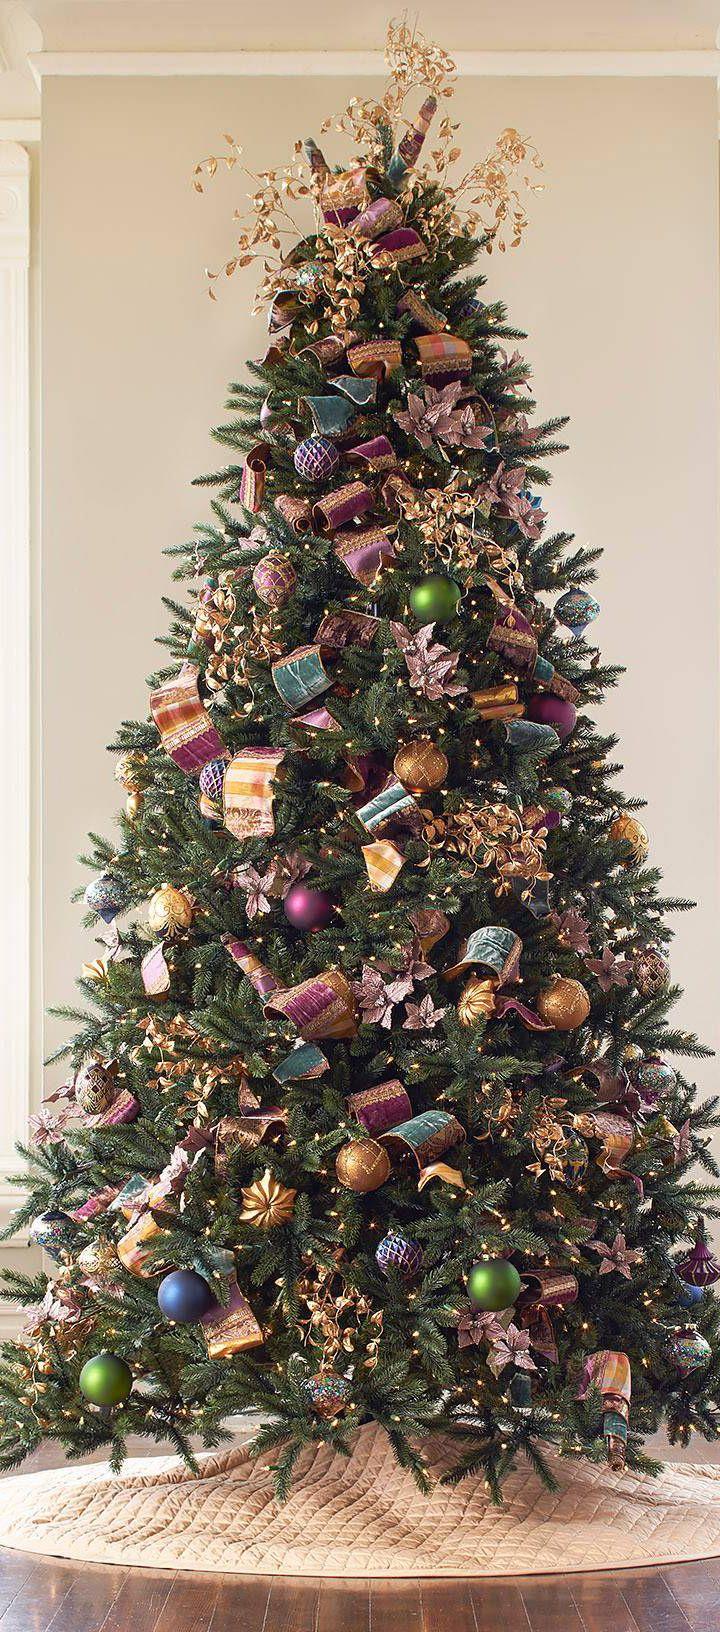 Napa Jewel Christmas Tree rboles de navidad Color Verde Oscuro